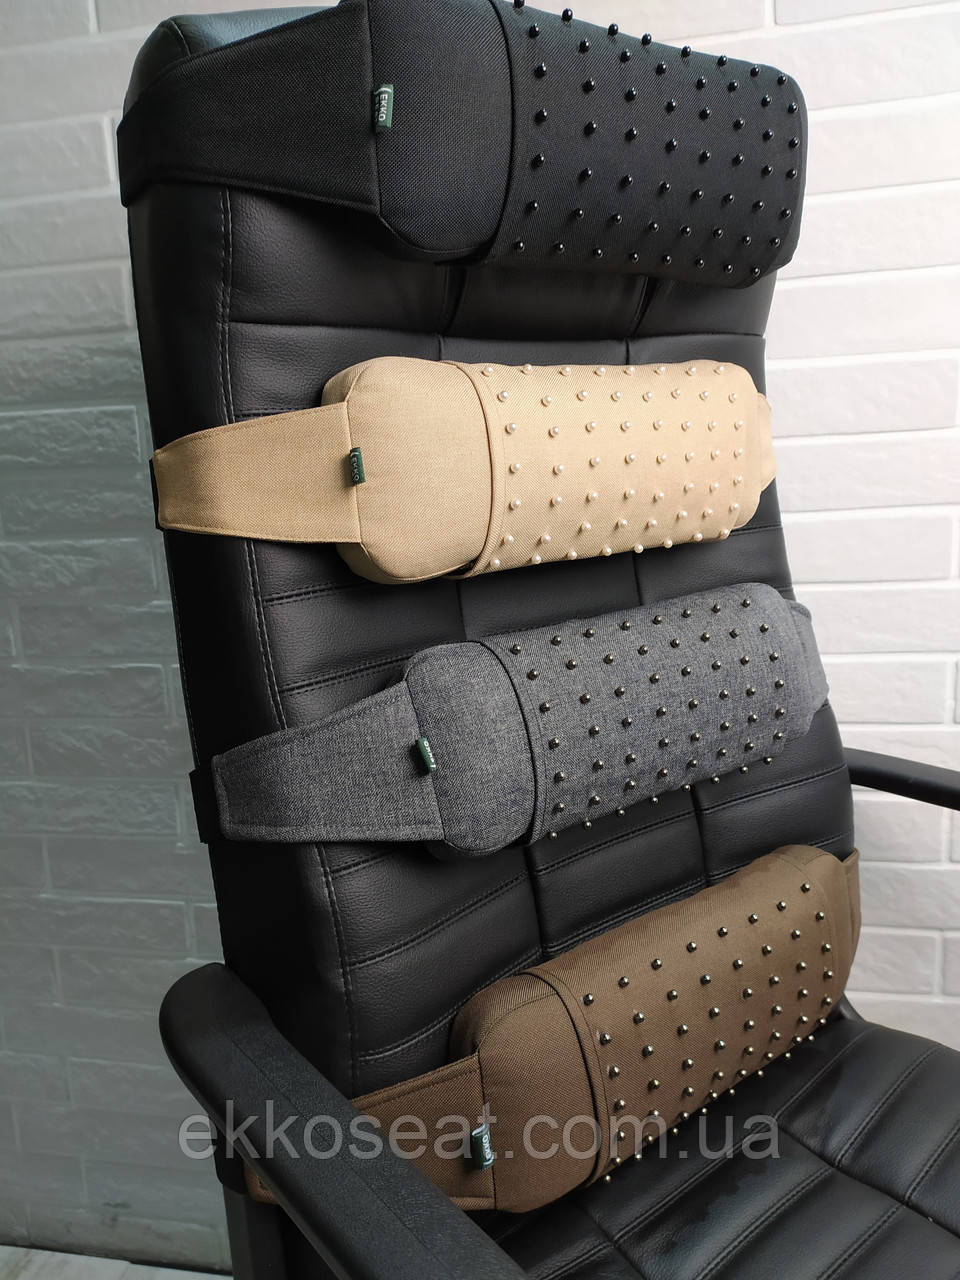 Ортопедичний упор під спину EKKOSEAT з масажною знімною накидкою для офісних і автомобільних крісел